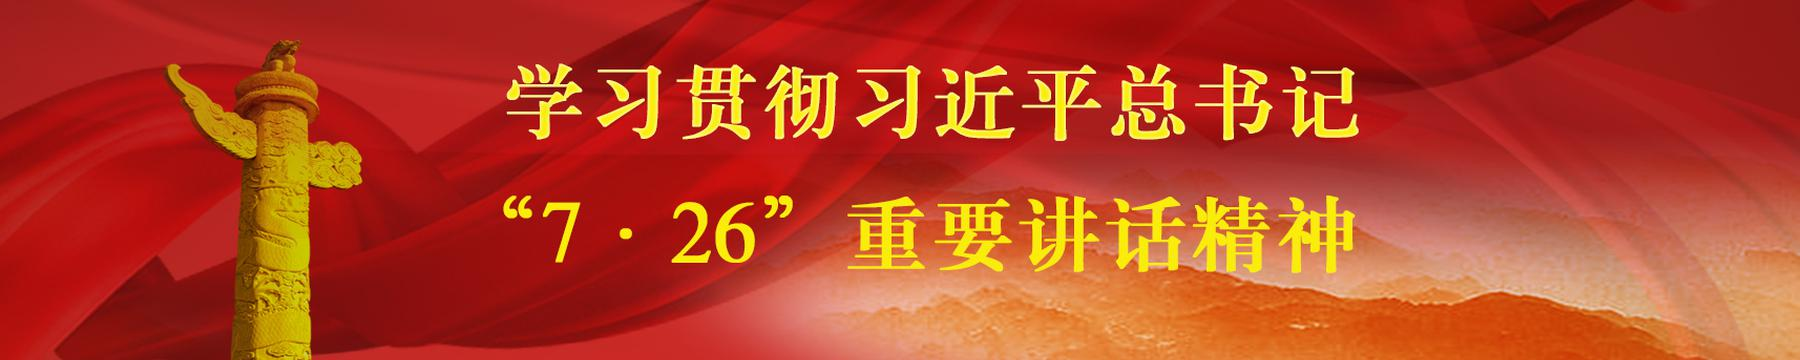 """学习贯彻习近平""""7·26""""重要讲话精神"""